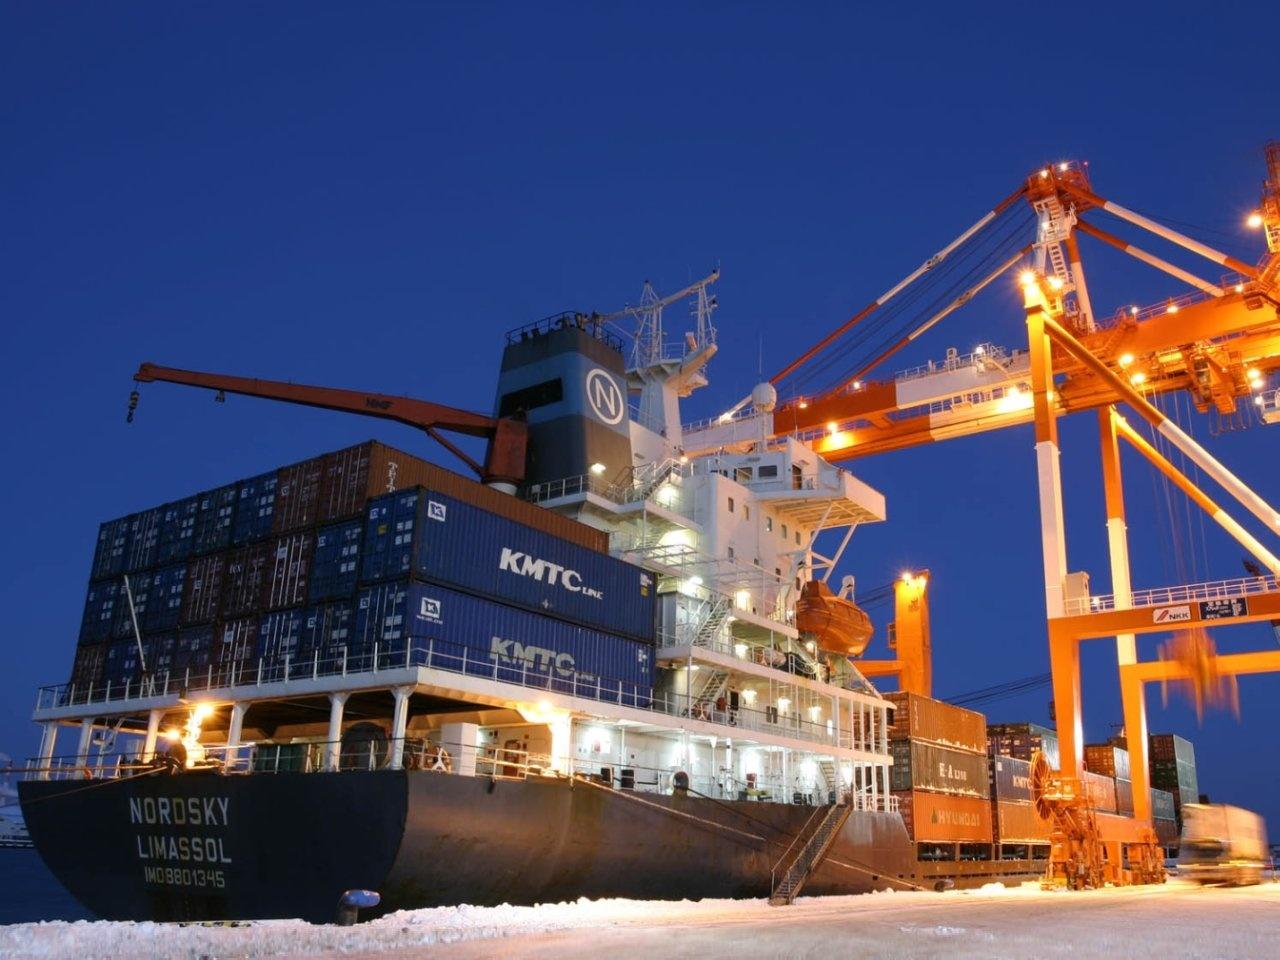 cargo_ship_wallpaper_5-1280x960